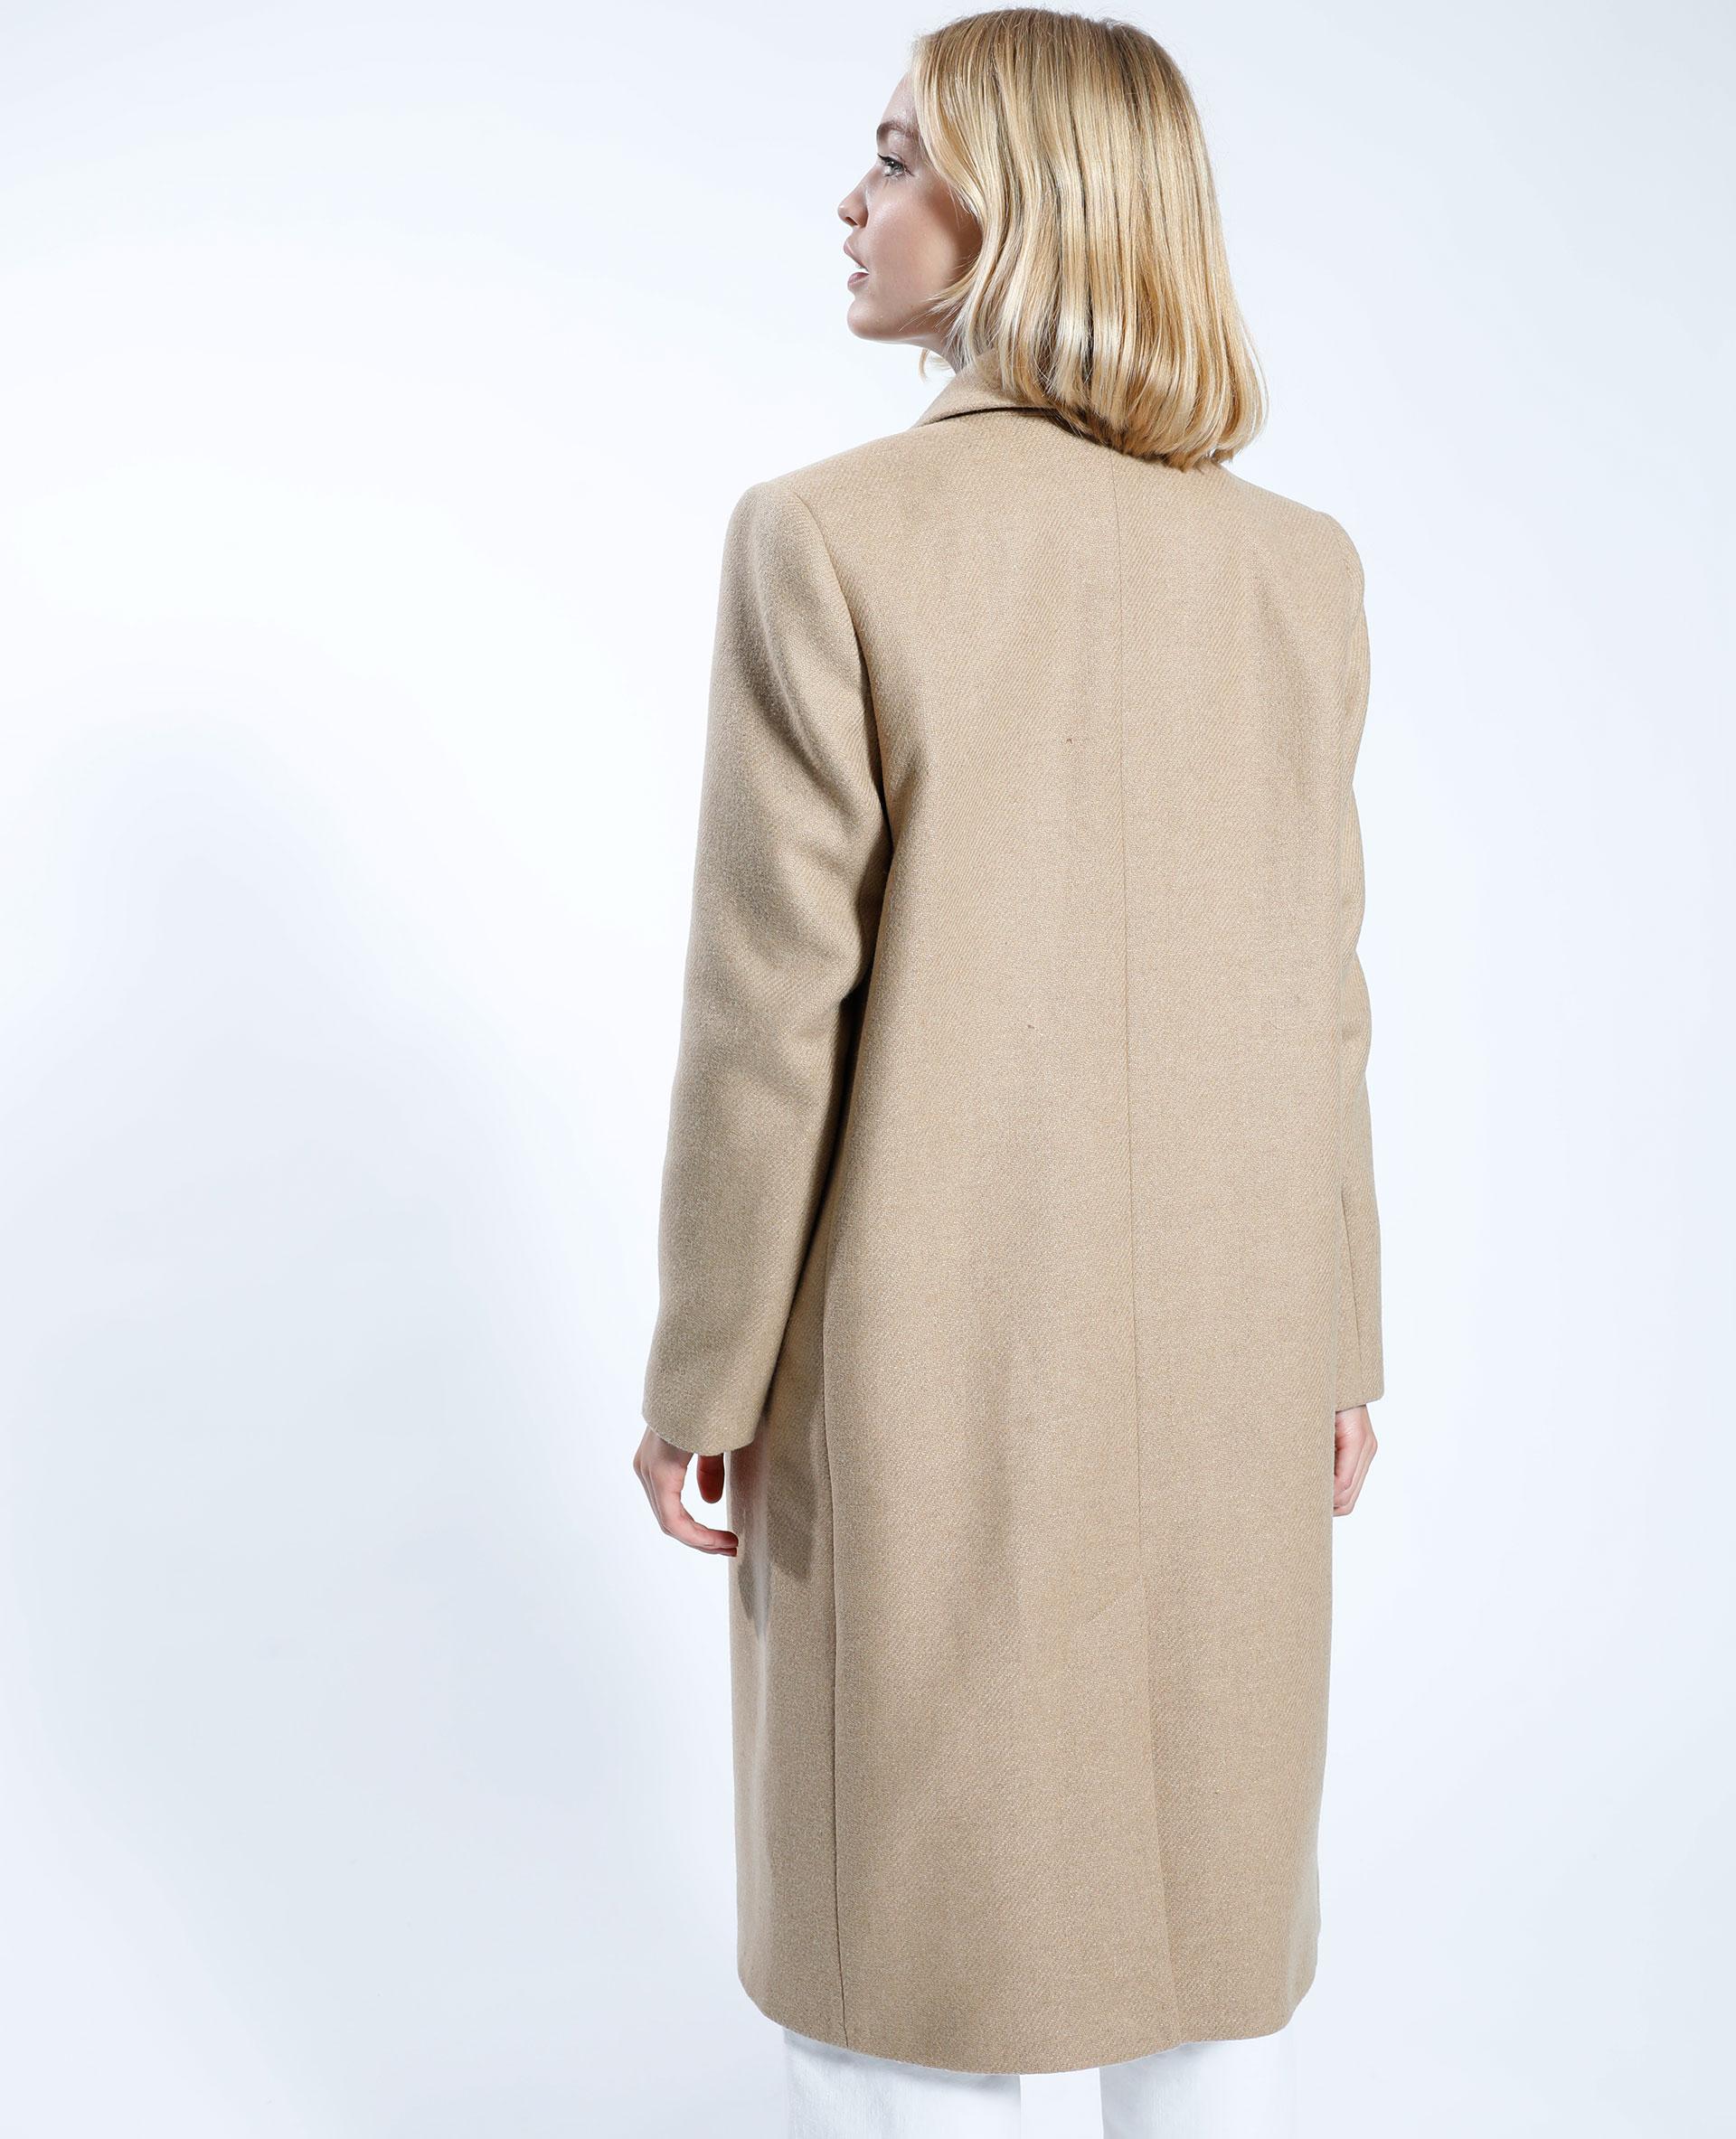 Manteau long avec 50% de laine camel - Pimkie